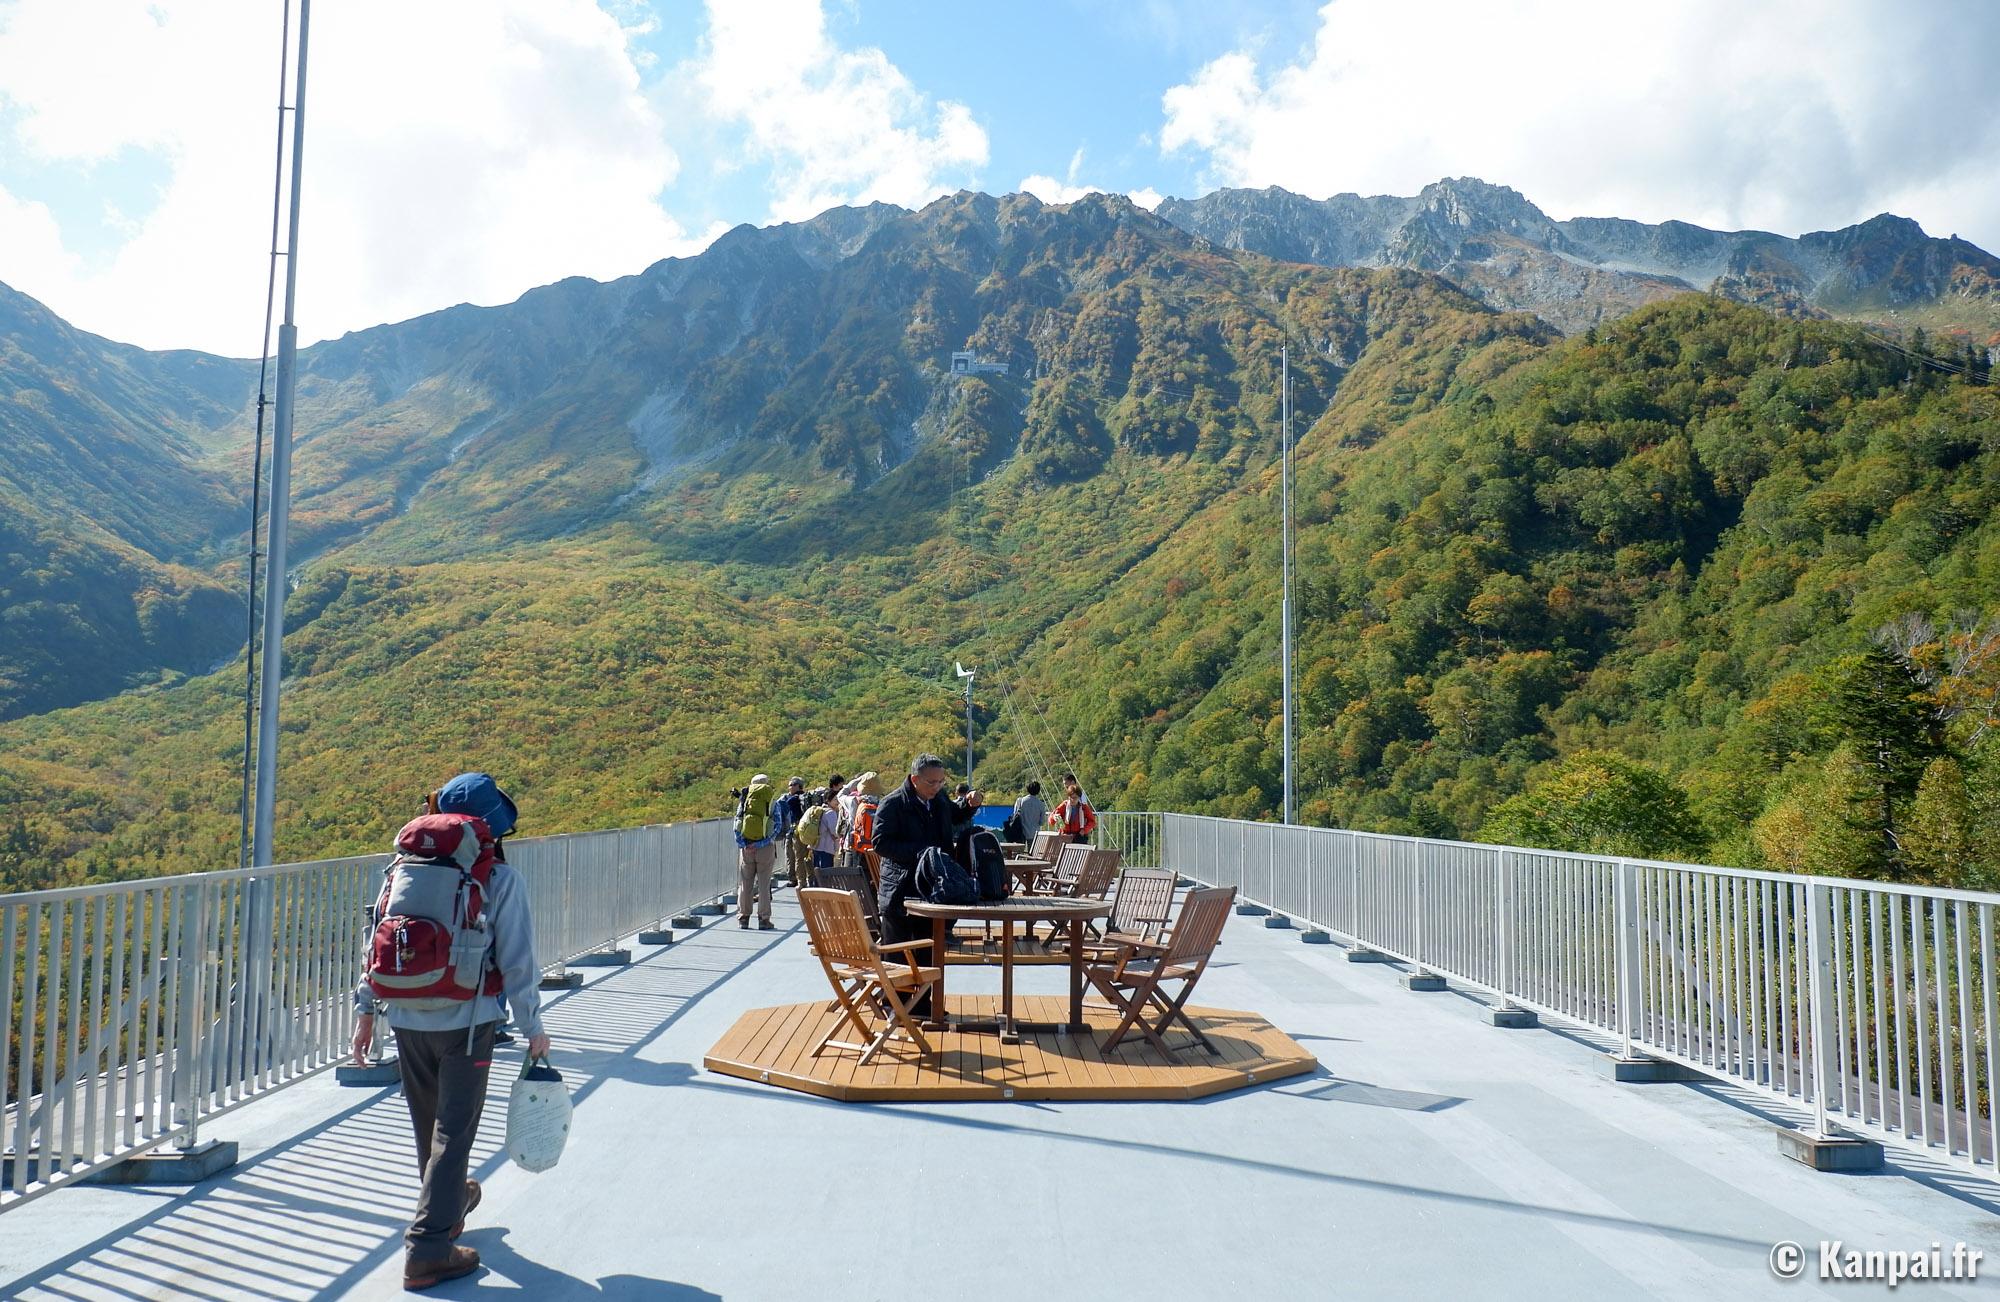 Japon : profitez de la route alpine Tateyama Kurobe à l'automne